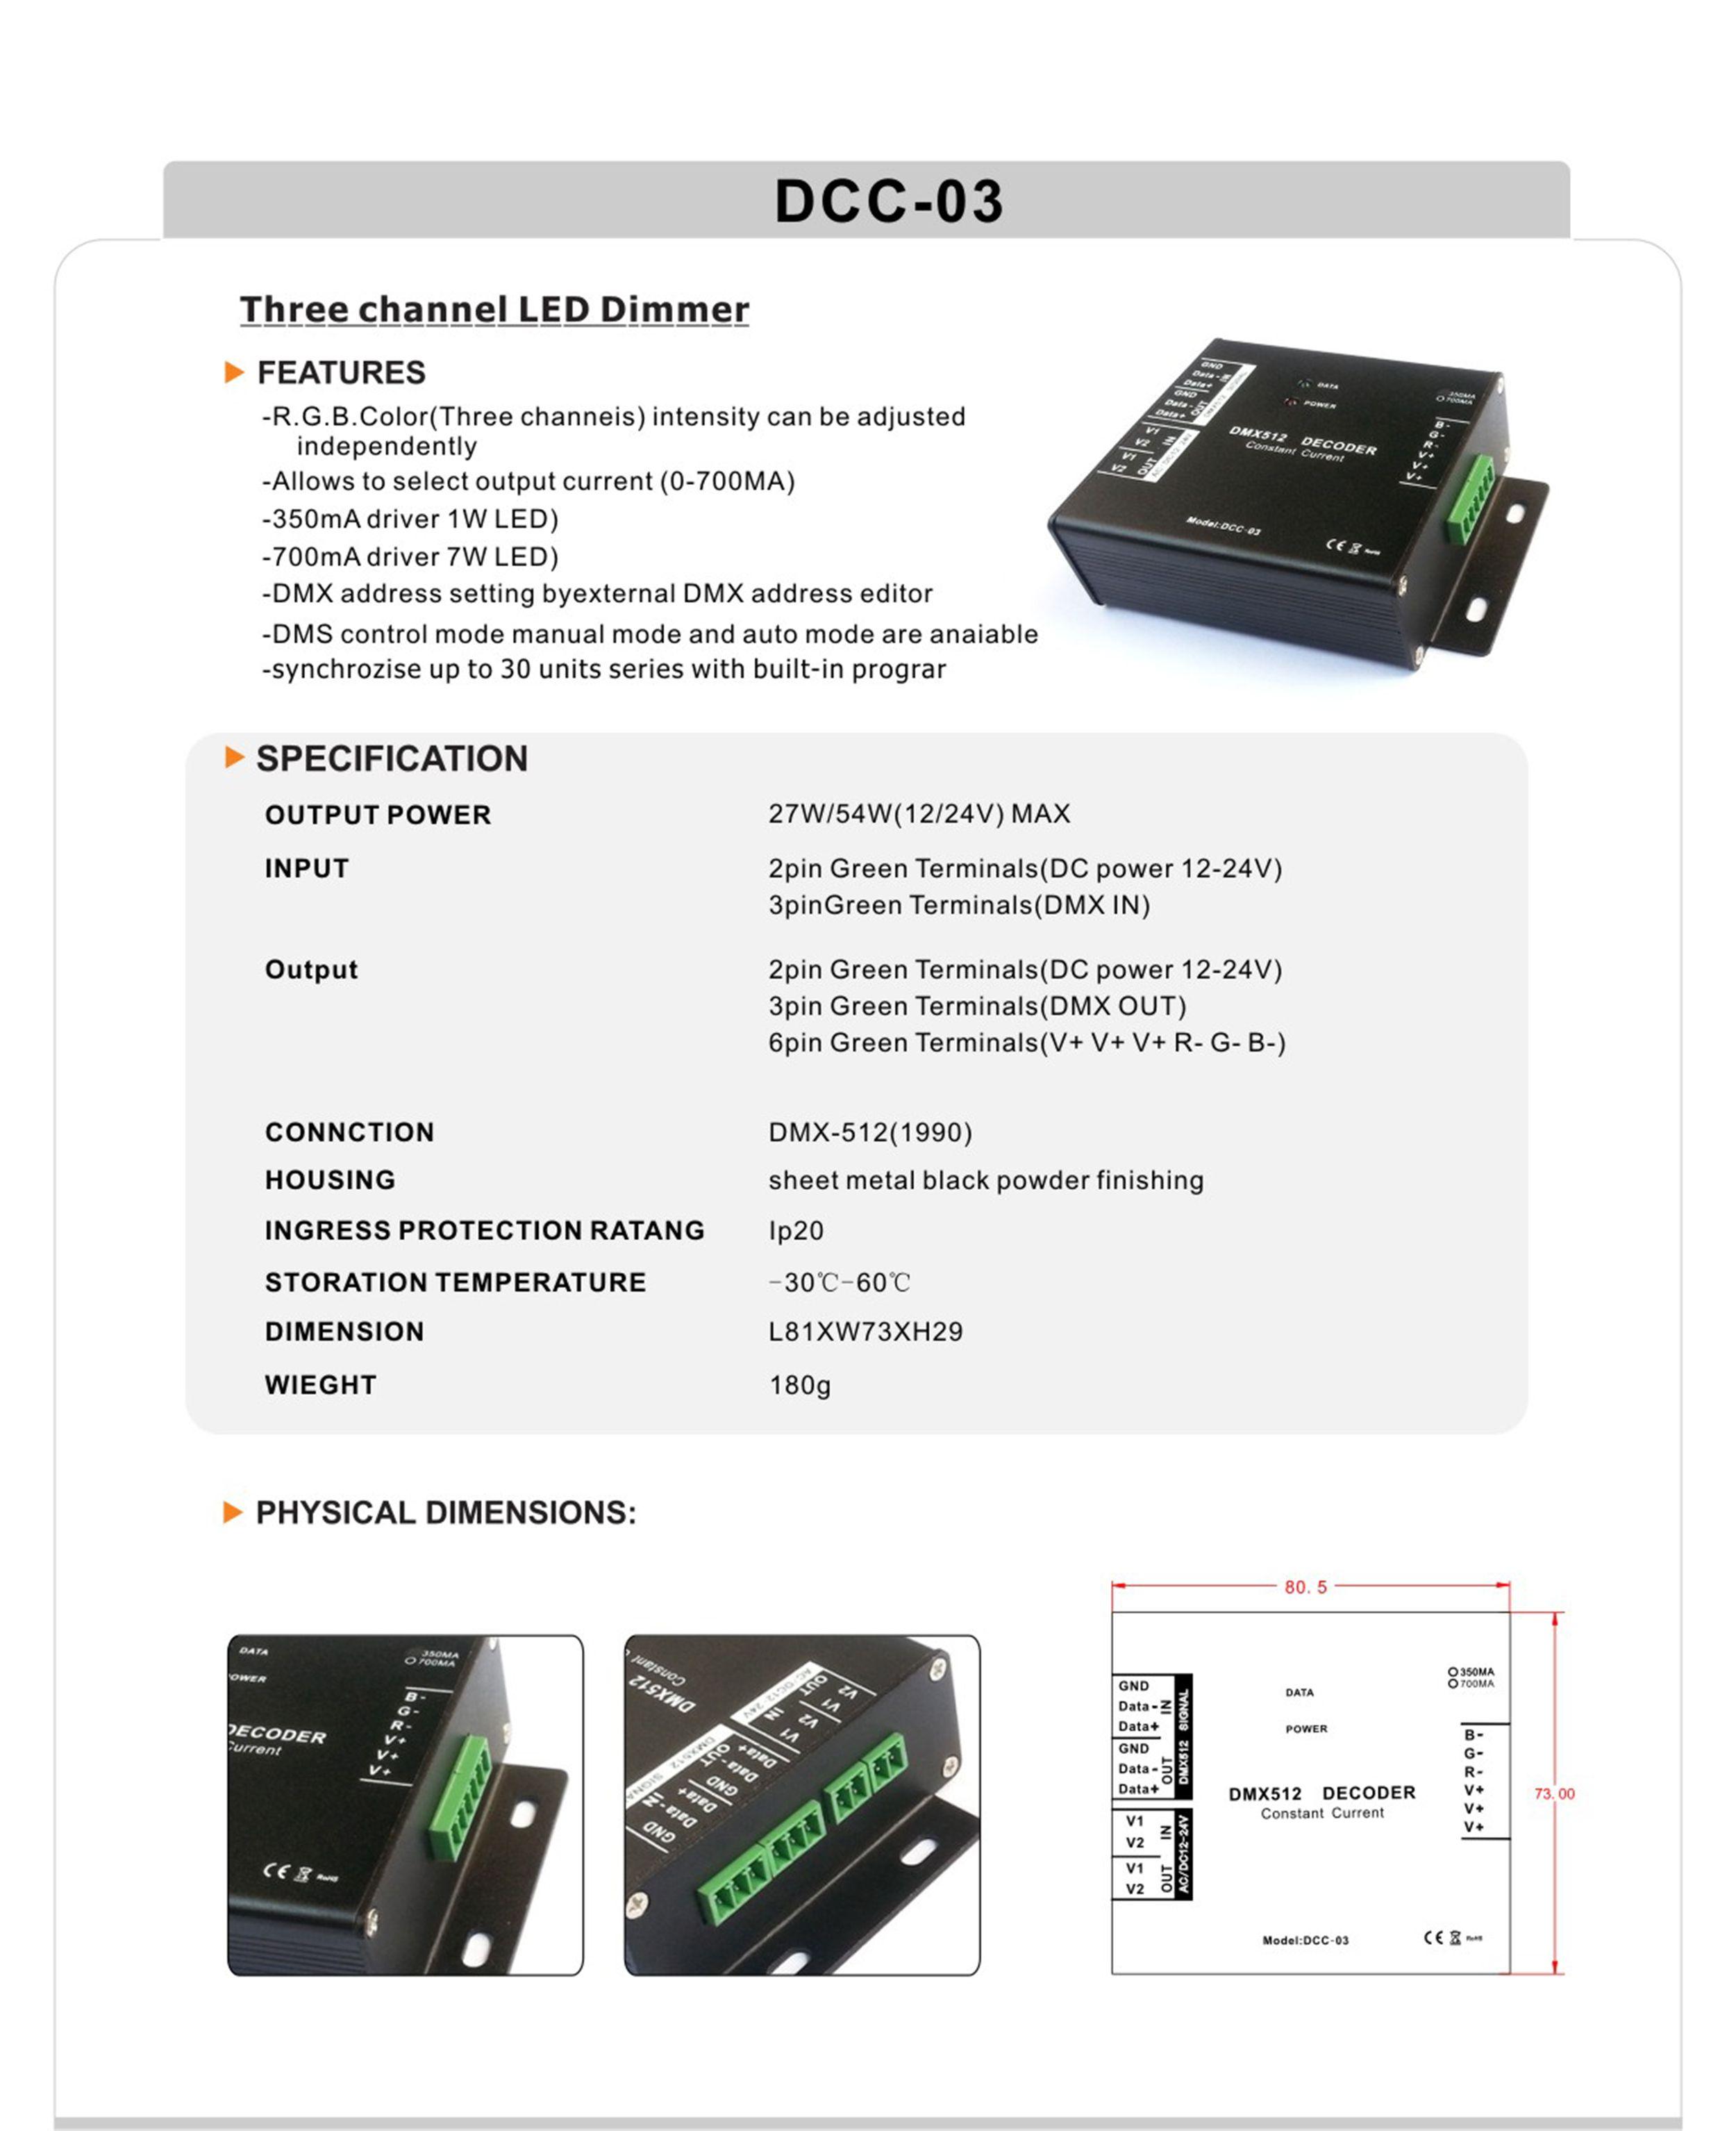 dcc-03-3